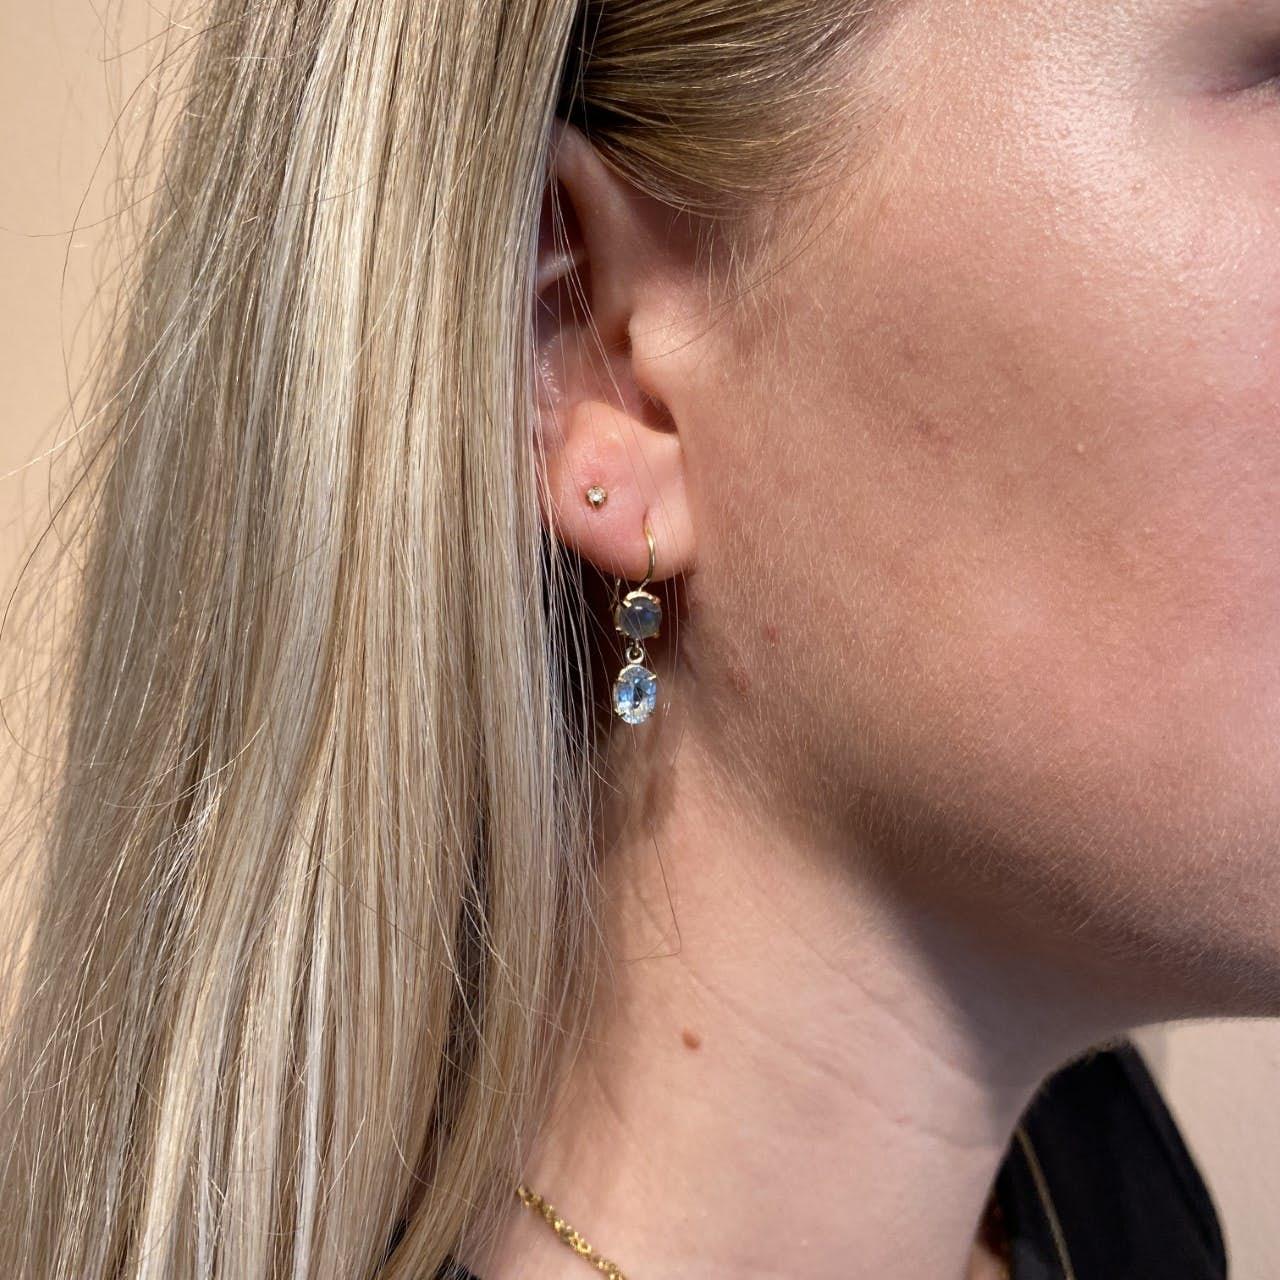 Gem Candy Earrings Labradorit från Carré i Förgyllt-Silver Sterling 925